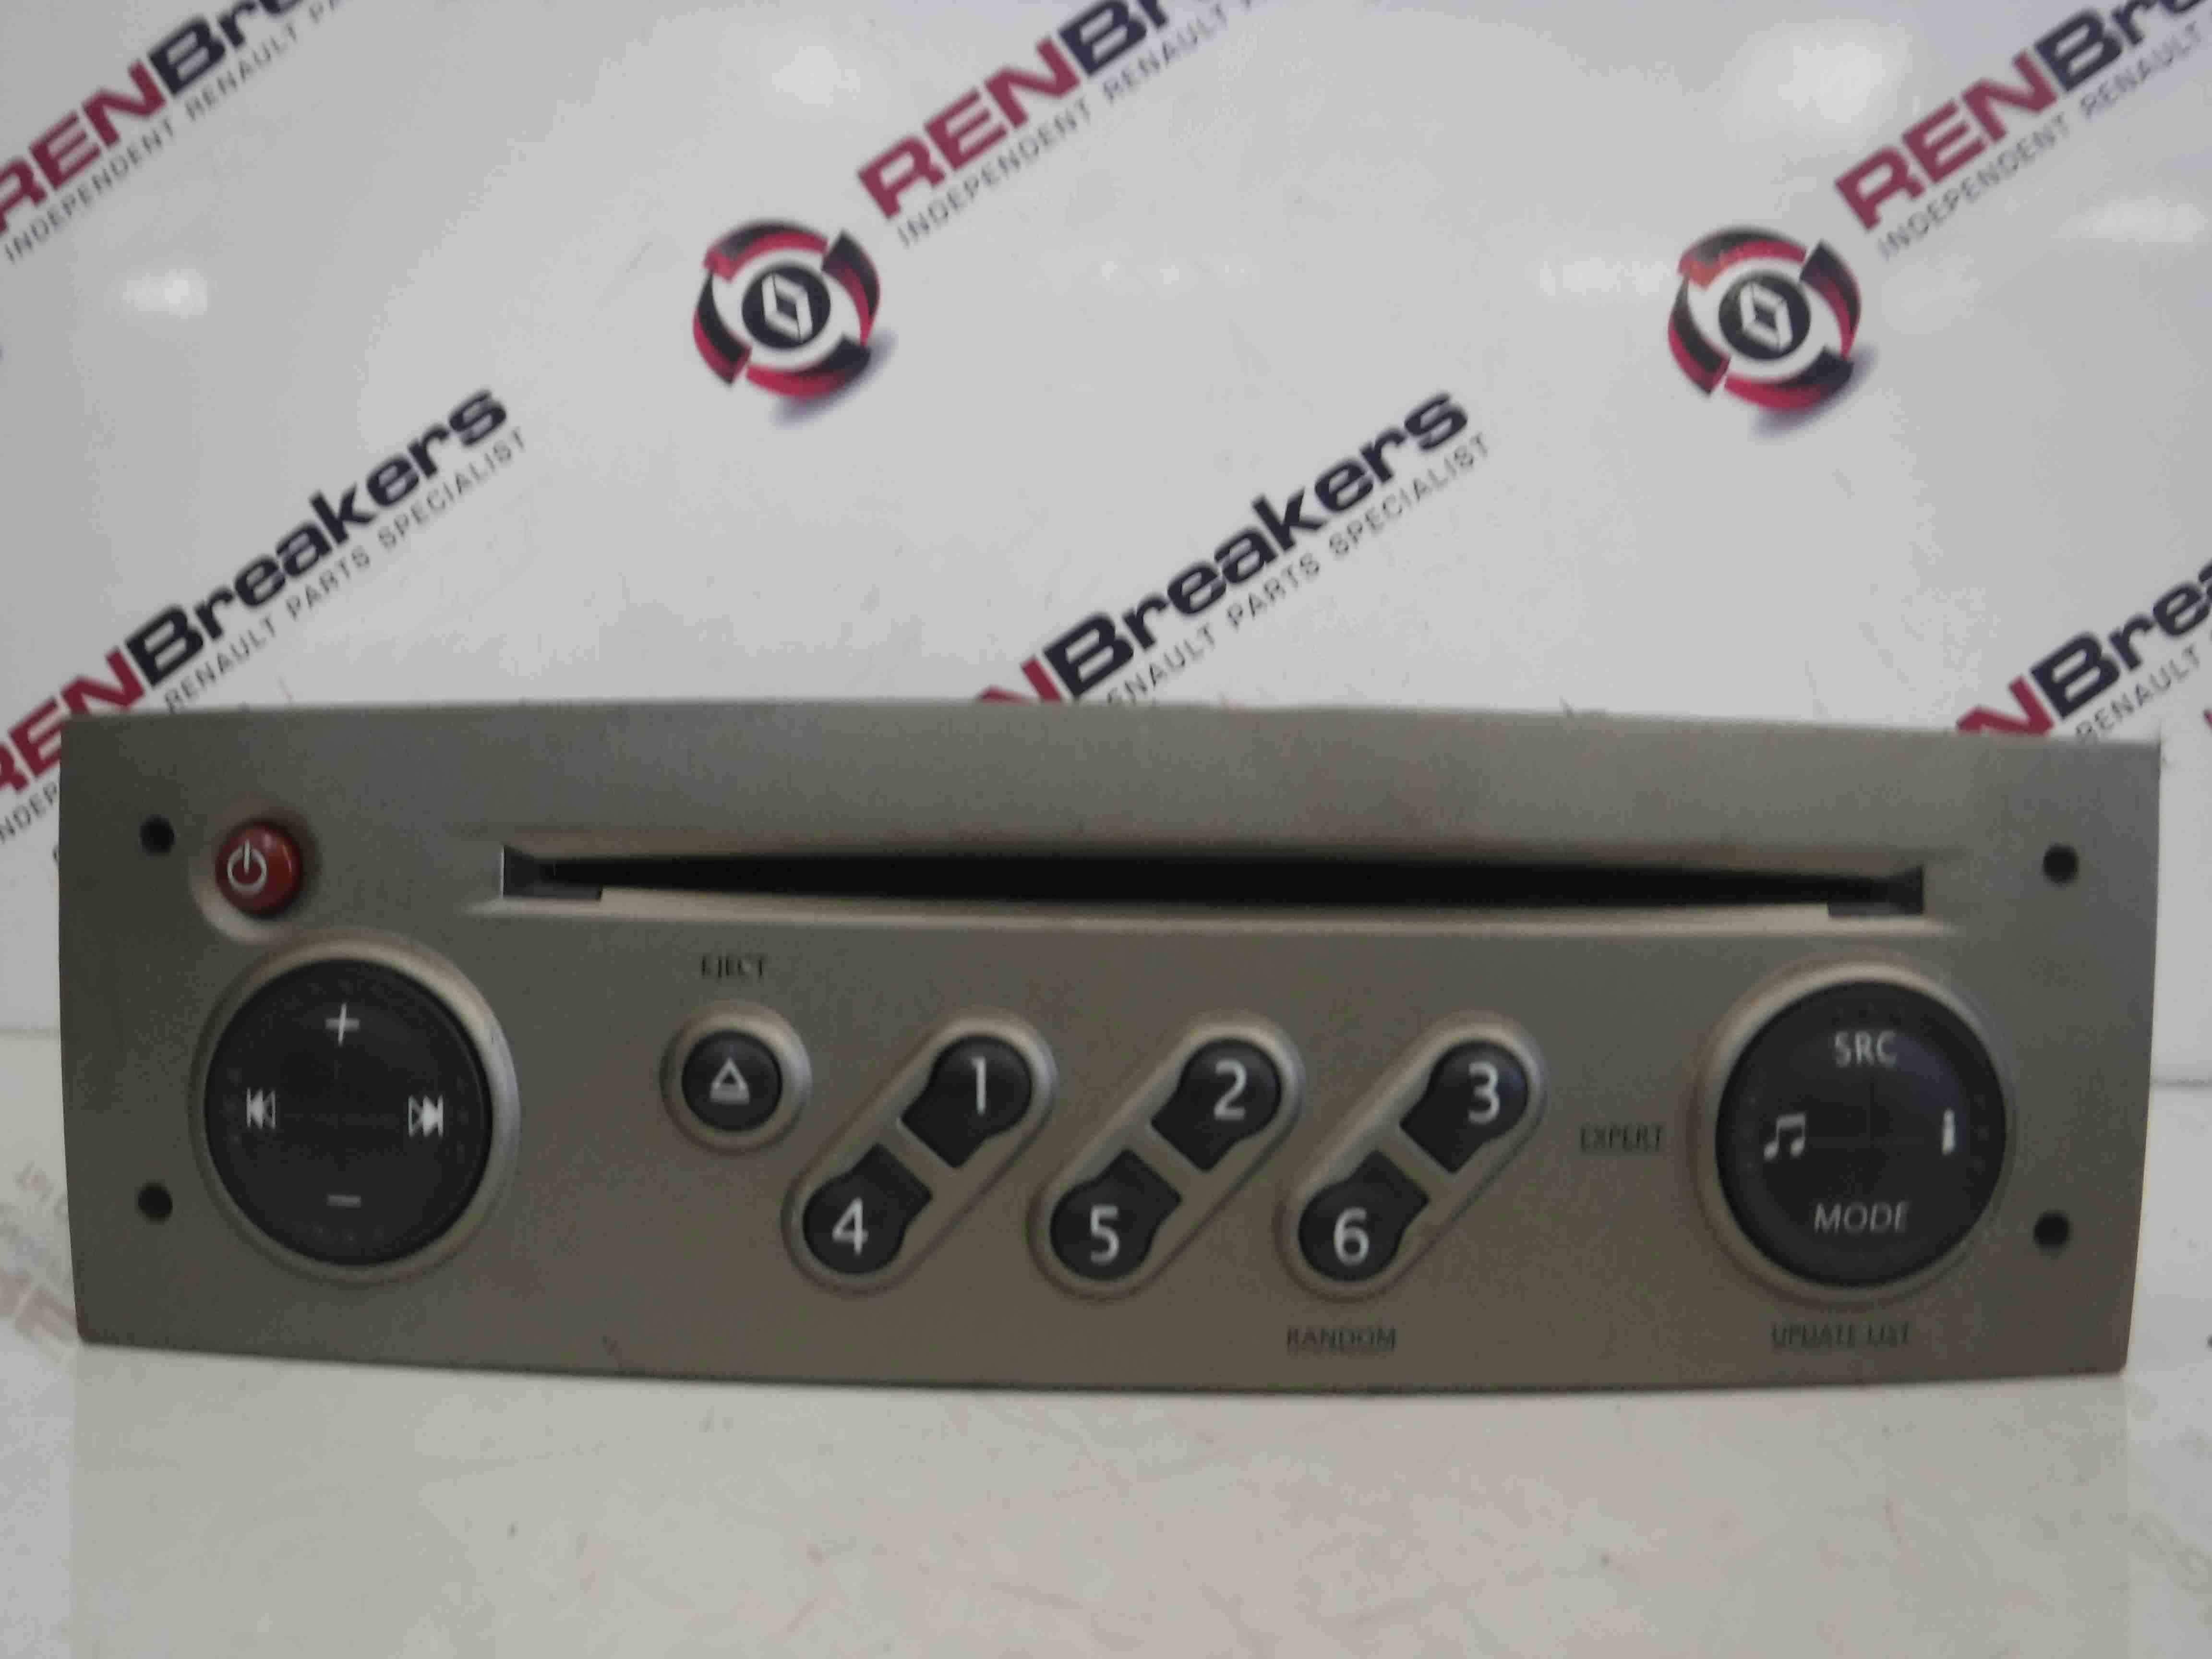 Renault Clio MK3 2005-2012 Radio Cd Player Update List  Code Beige 8200633623